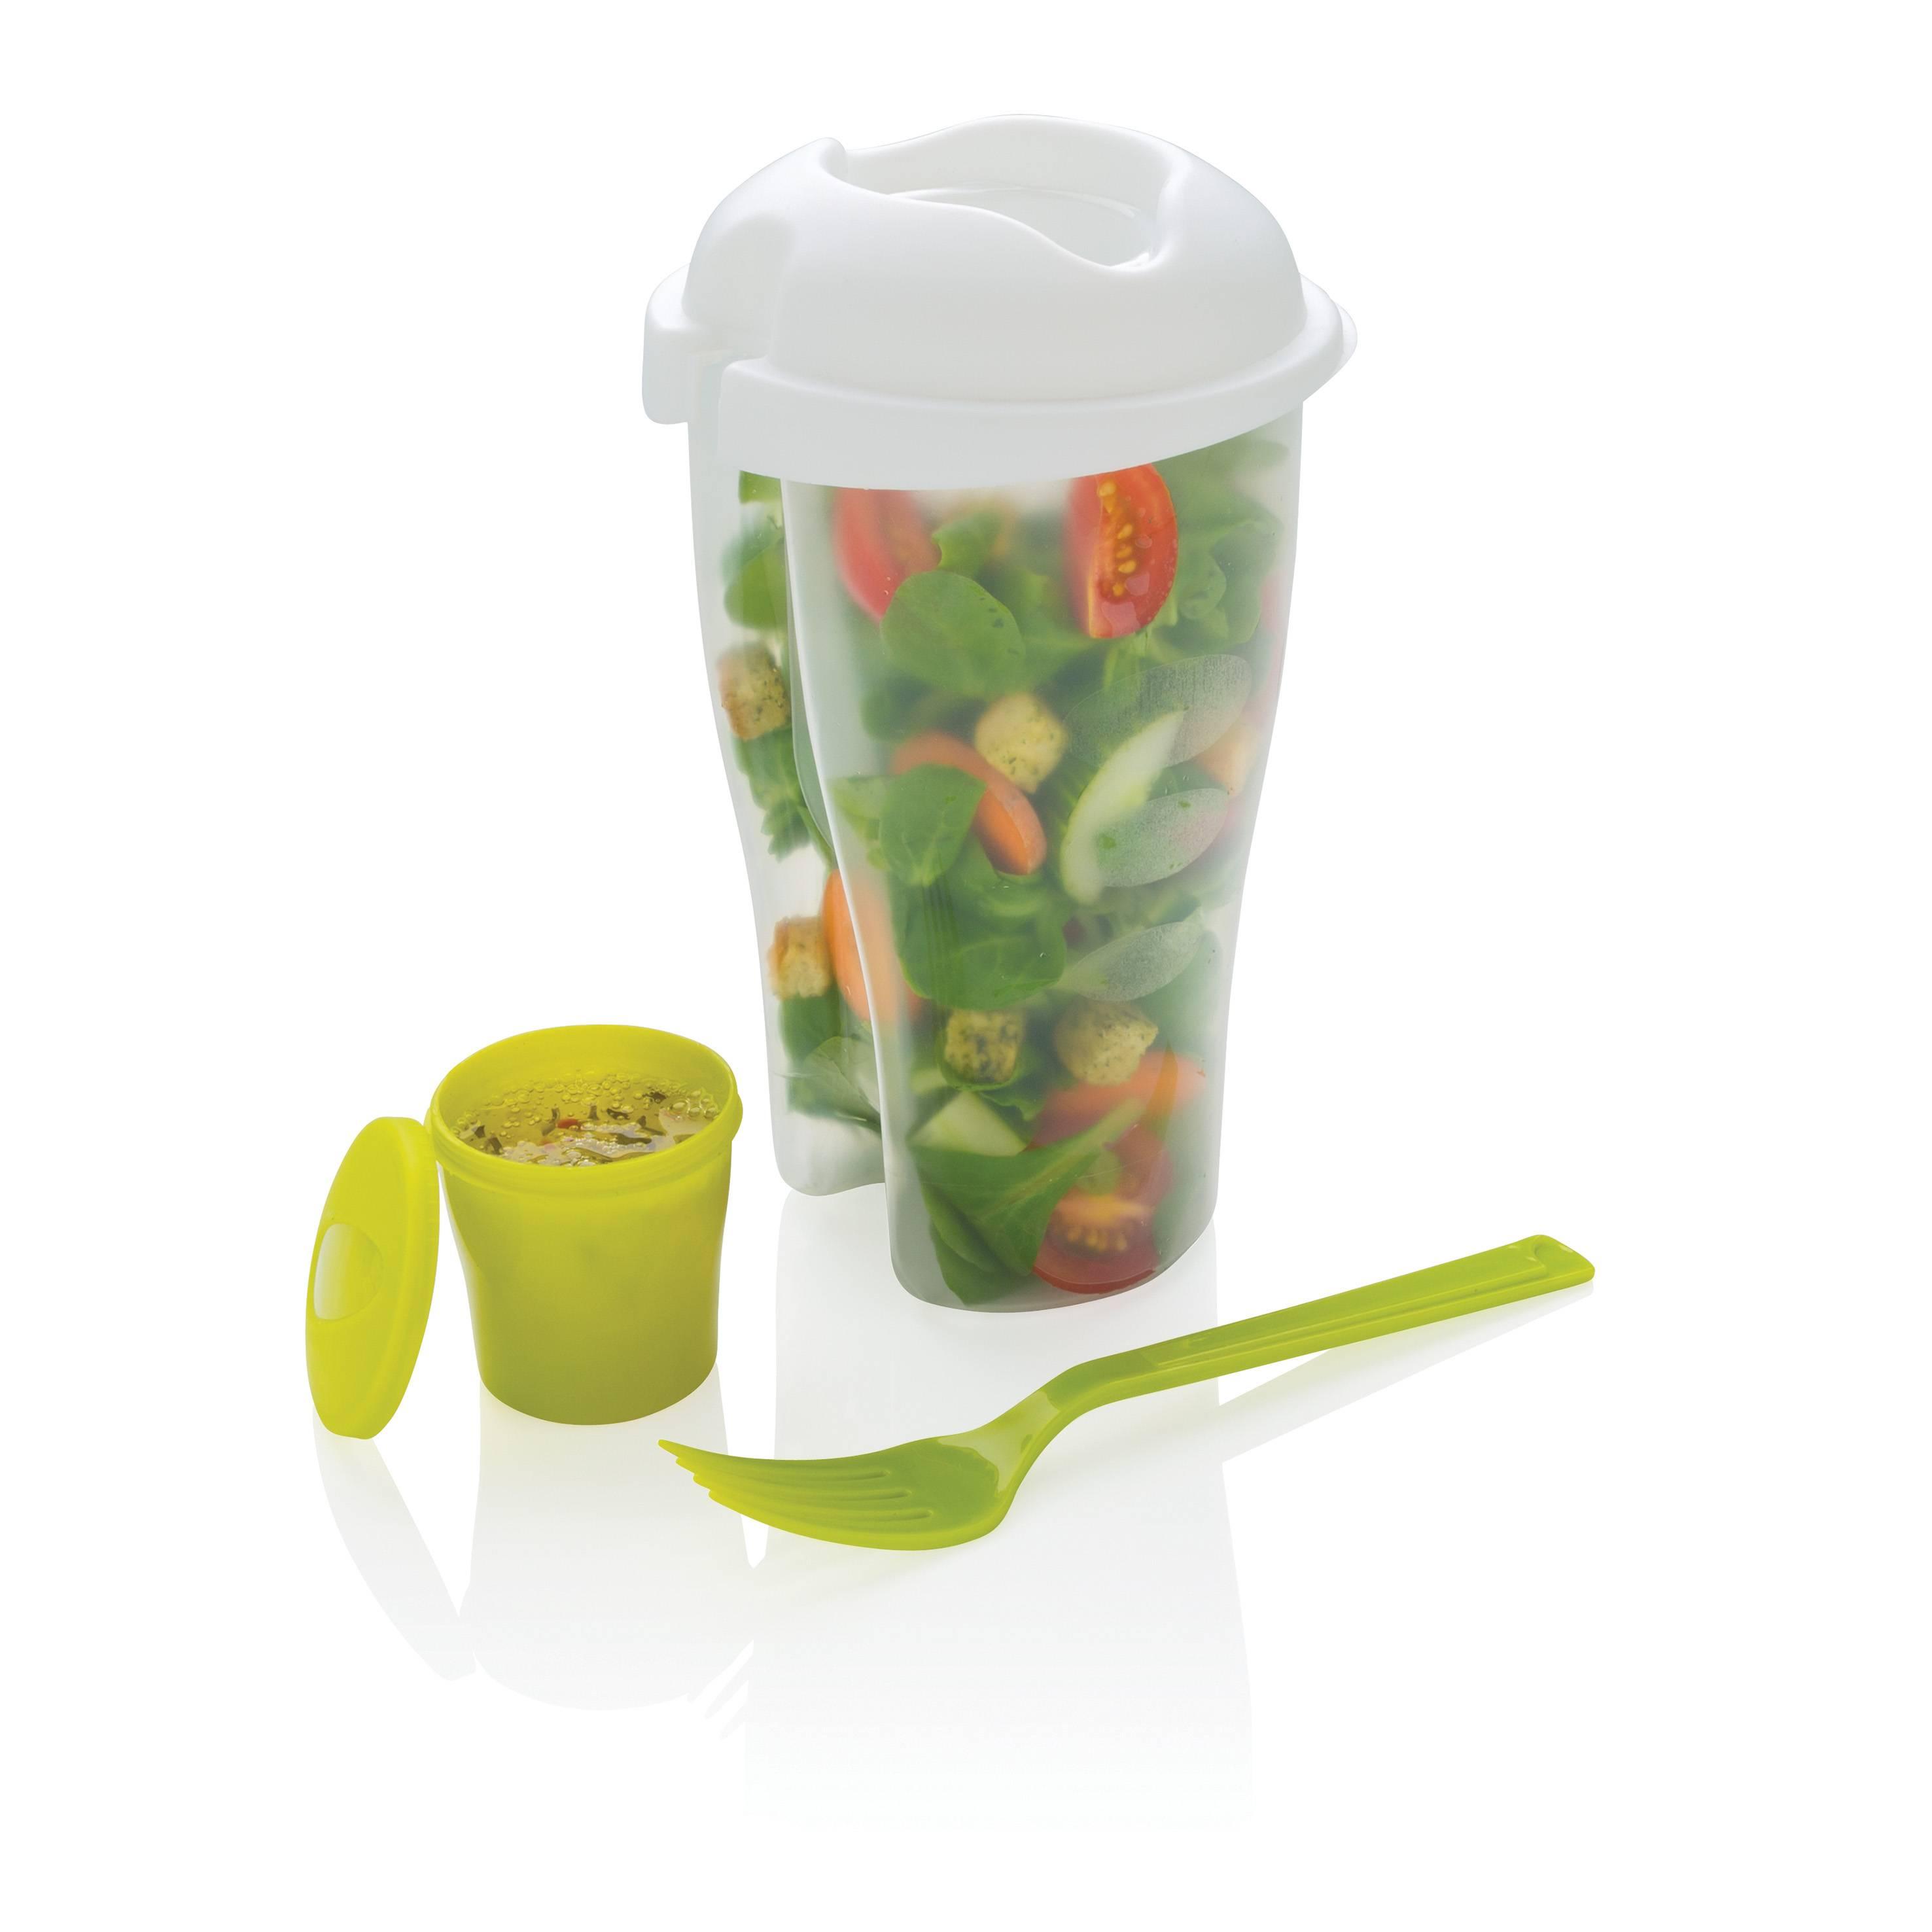 Billede af Salatskål - Salad2go cup